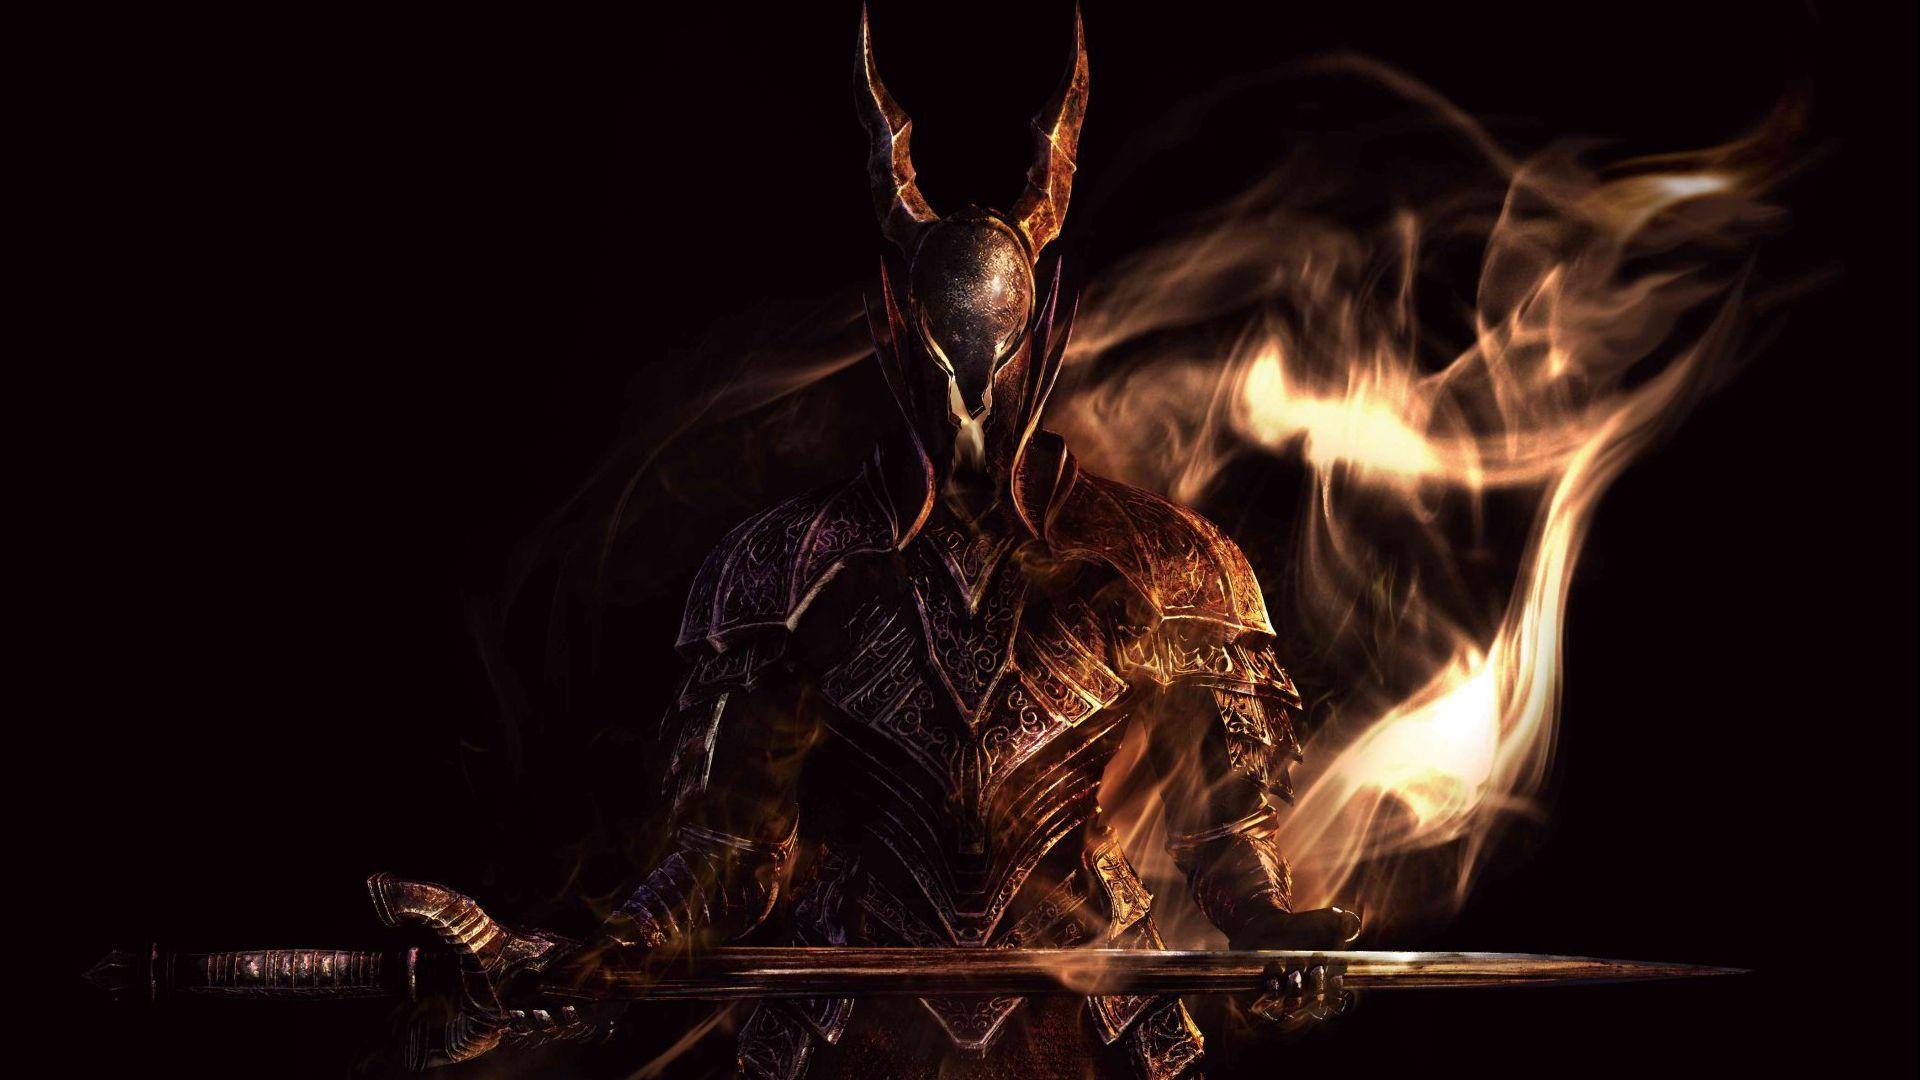 Dark Souls Wallpaper 1366x768 - WallpaperSafari